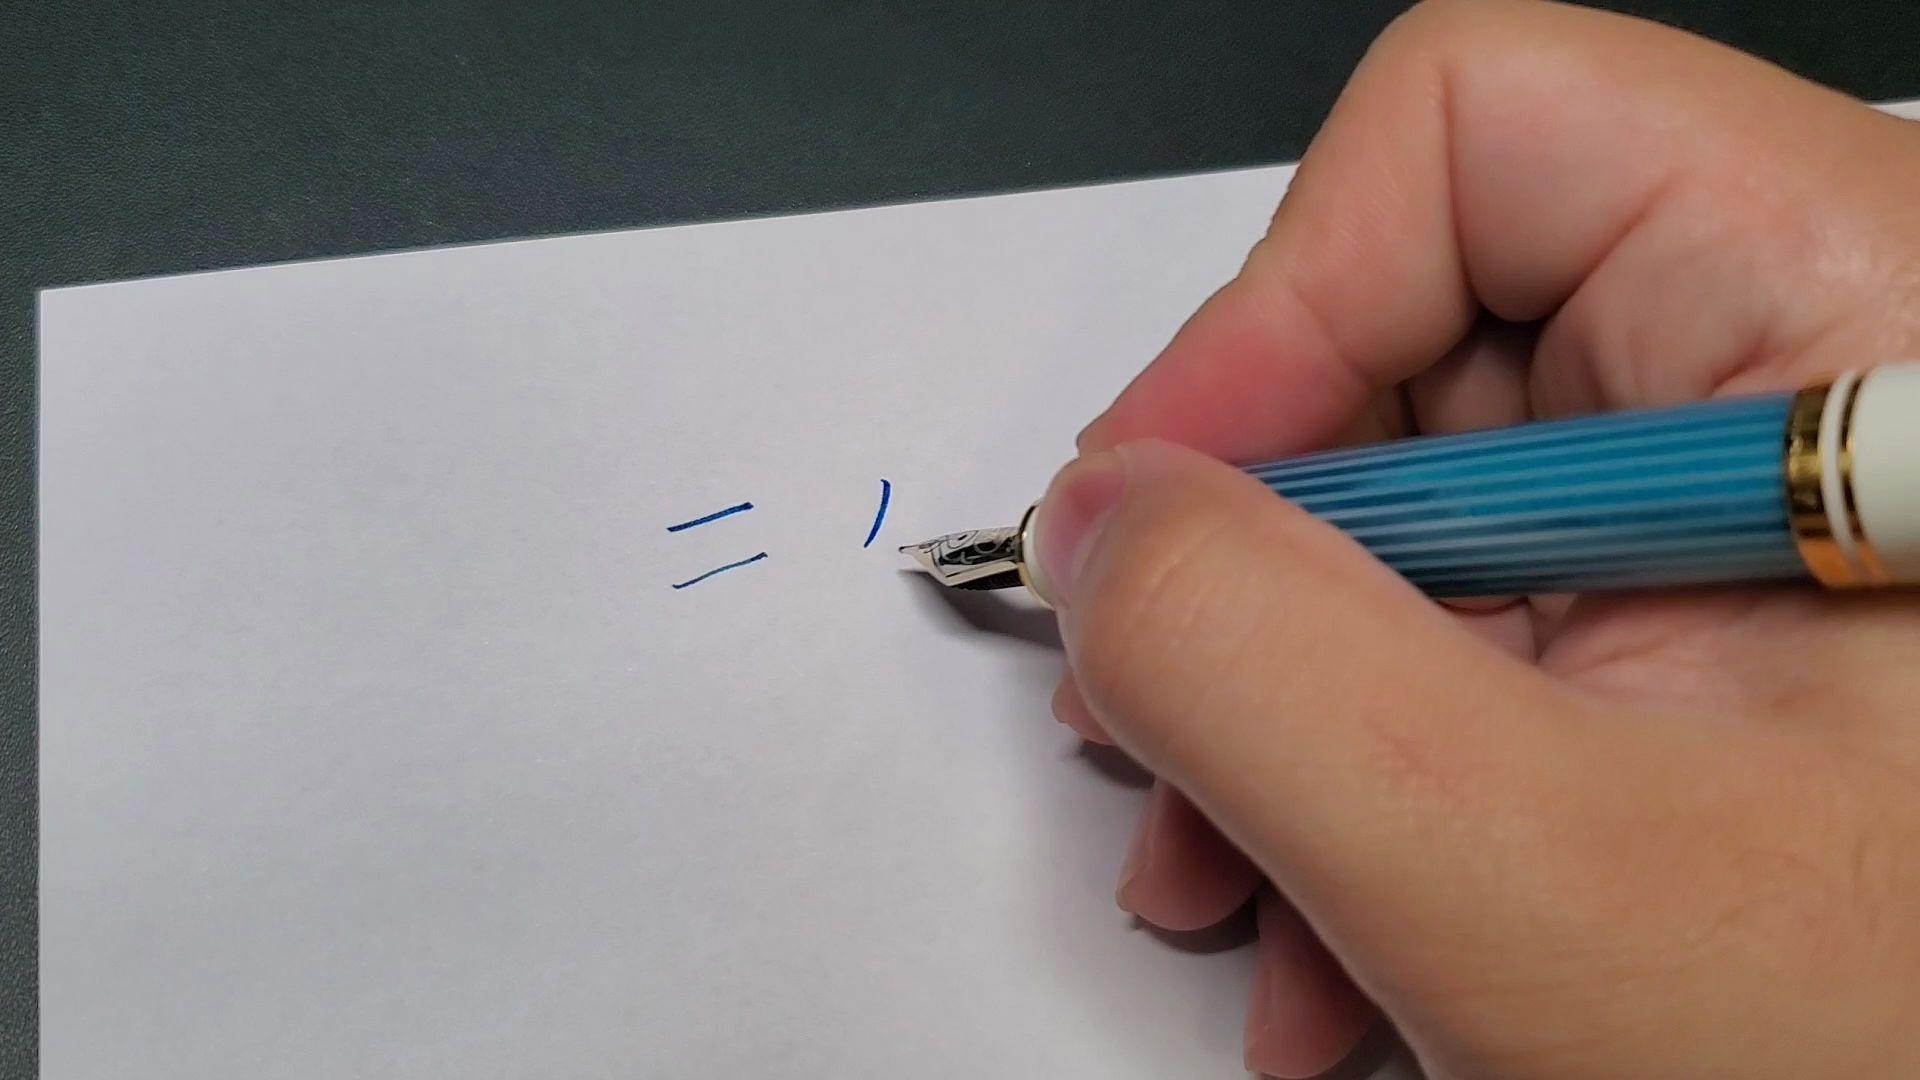 为什么有些人写字很容易手疼?